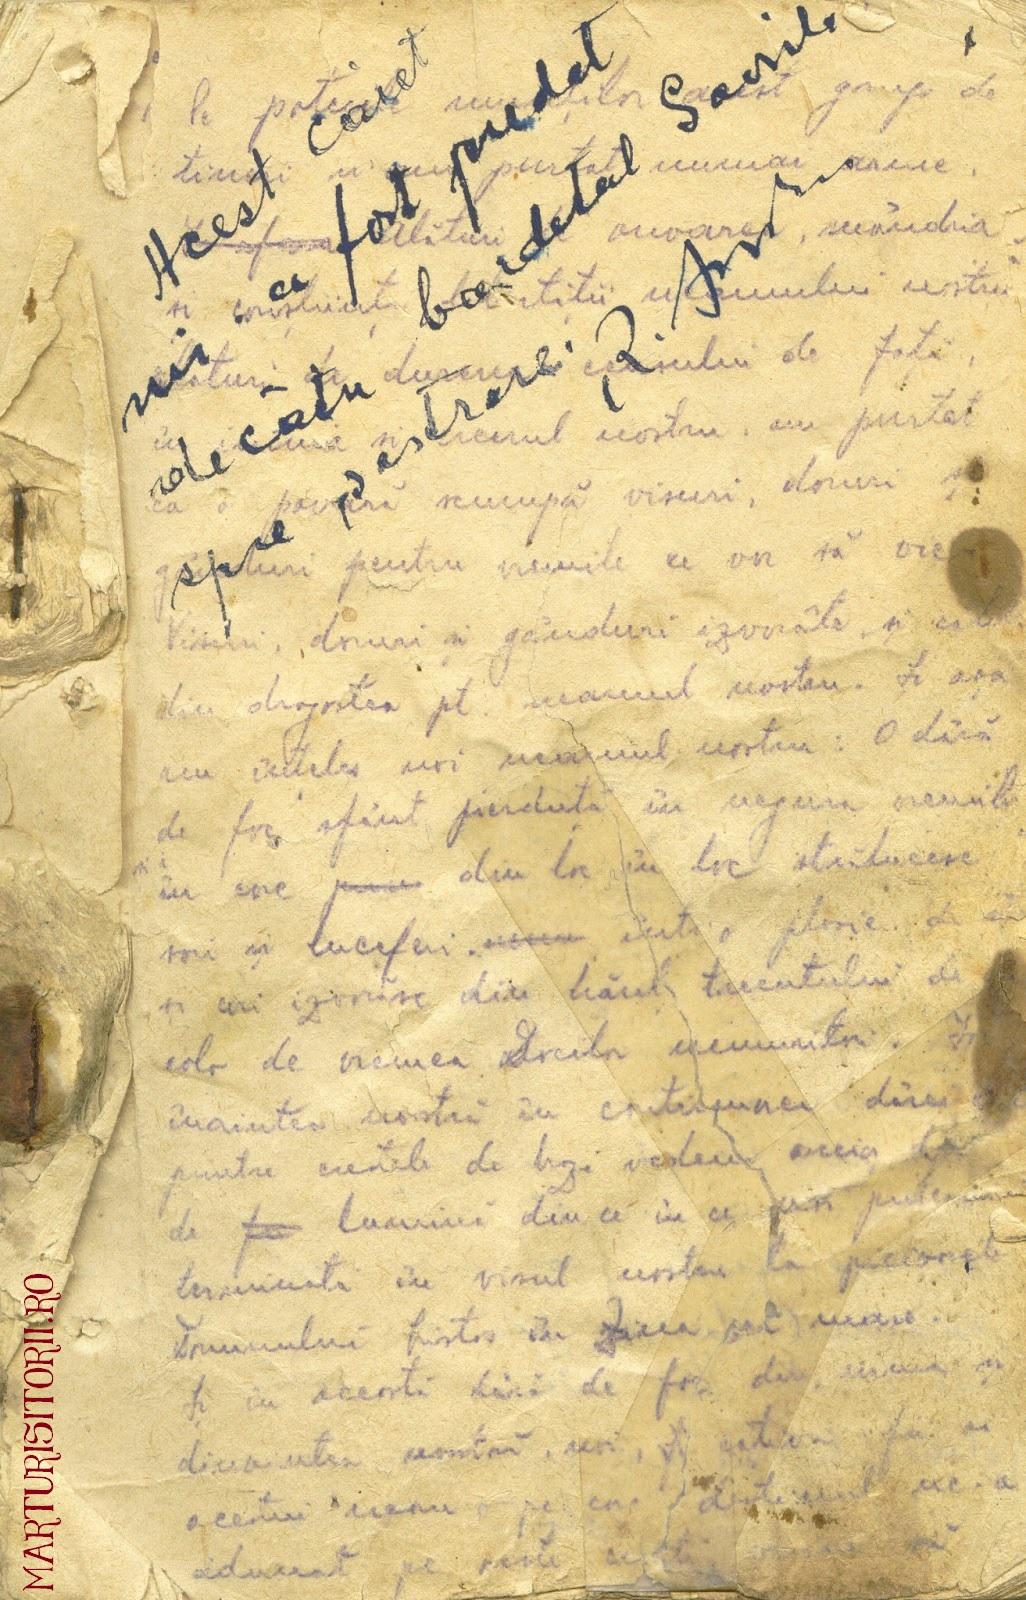 Testamentul-Grupului-Carpatin-Fagarasan-Ogoranu-1-Manuscris-CNSAS-Marturisitorii-Ro